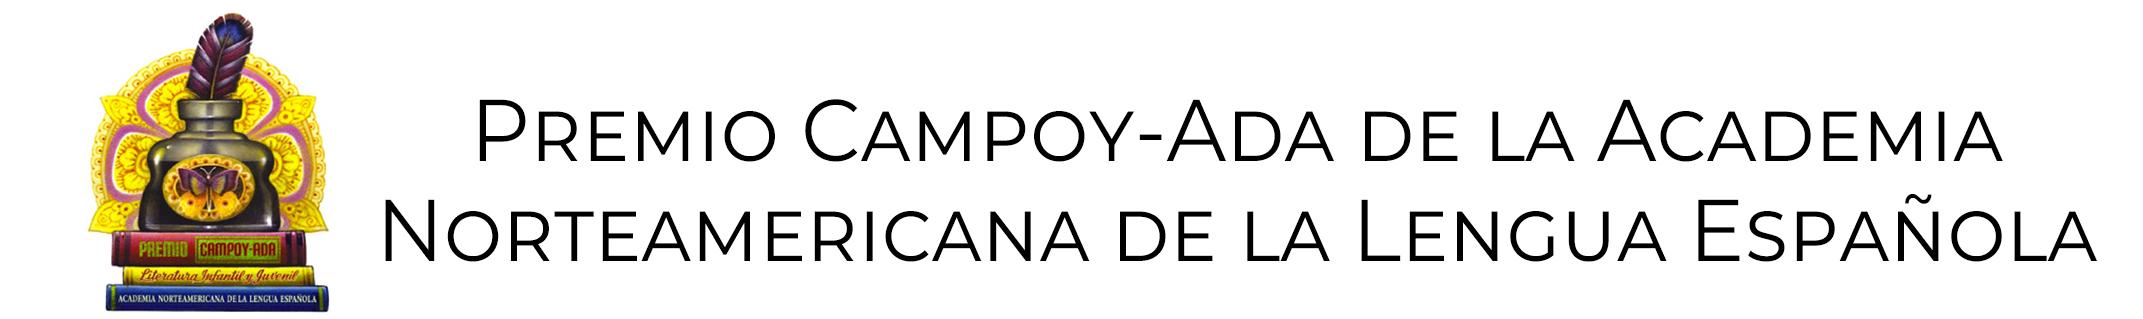 Premio Campoy-Ada de la Academia Norteamericana de la Lengua Española